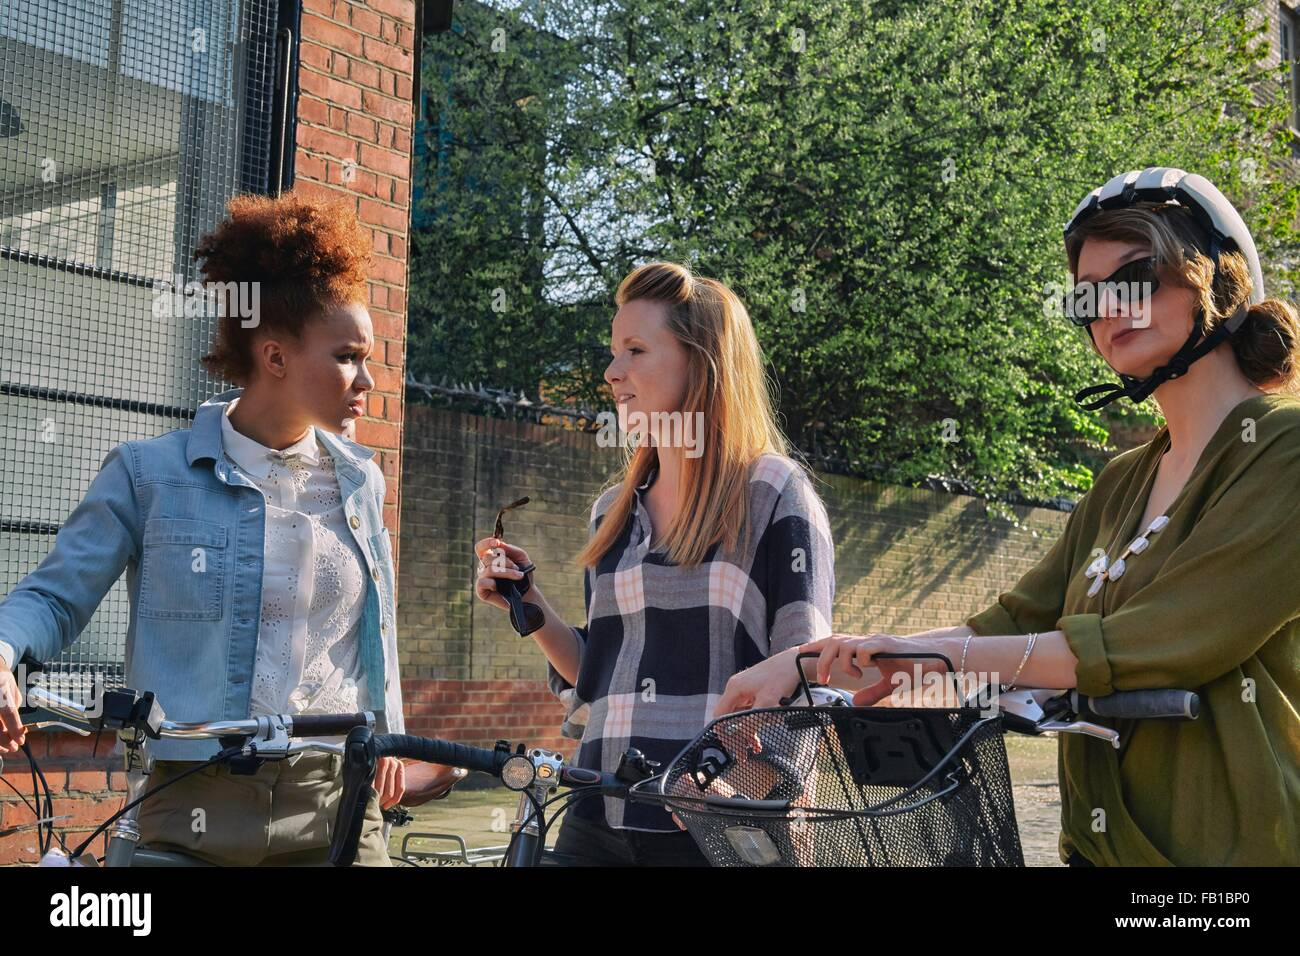 Las mujeres en el área urbana, de cintura para arriba, de pie la celebración de bicicletas conversando Imagen De Stock